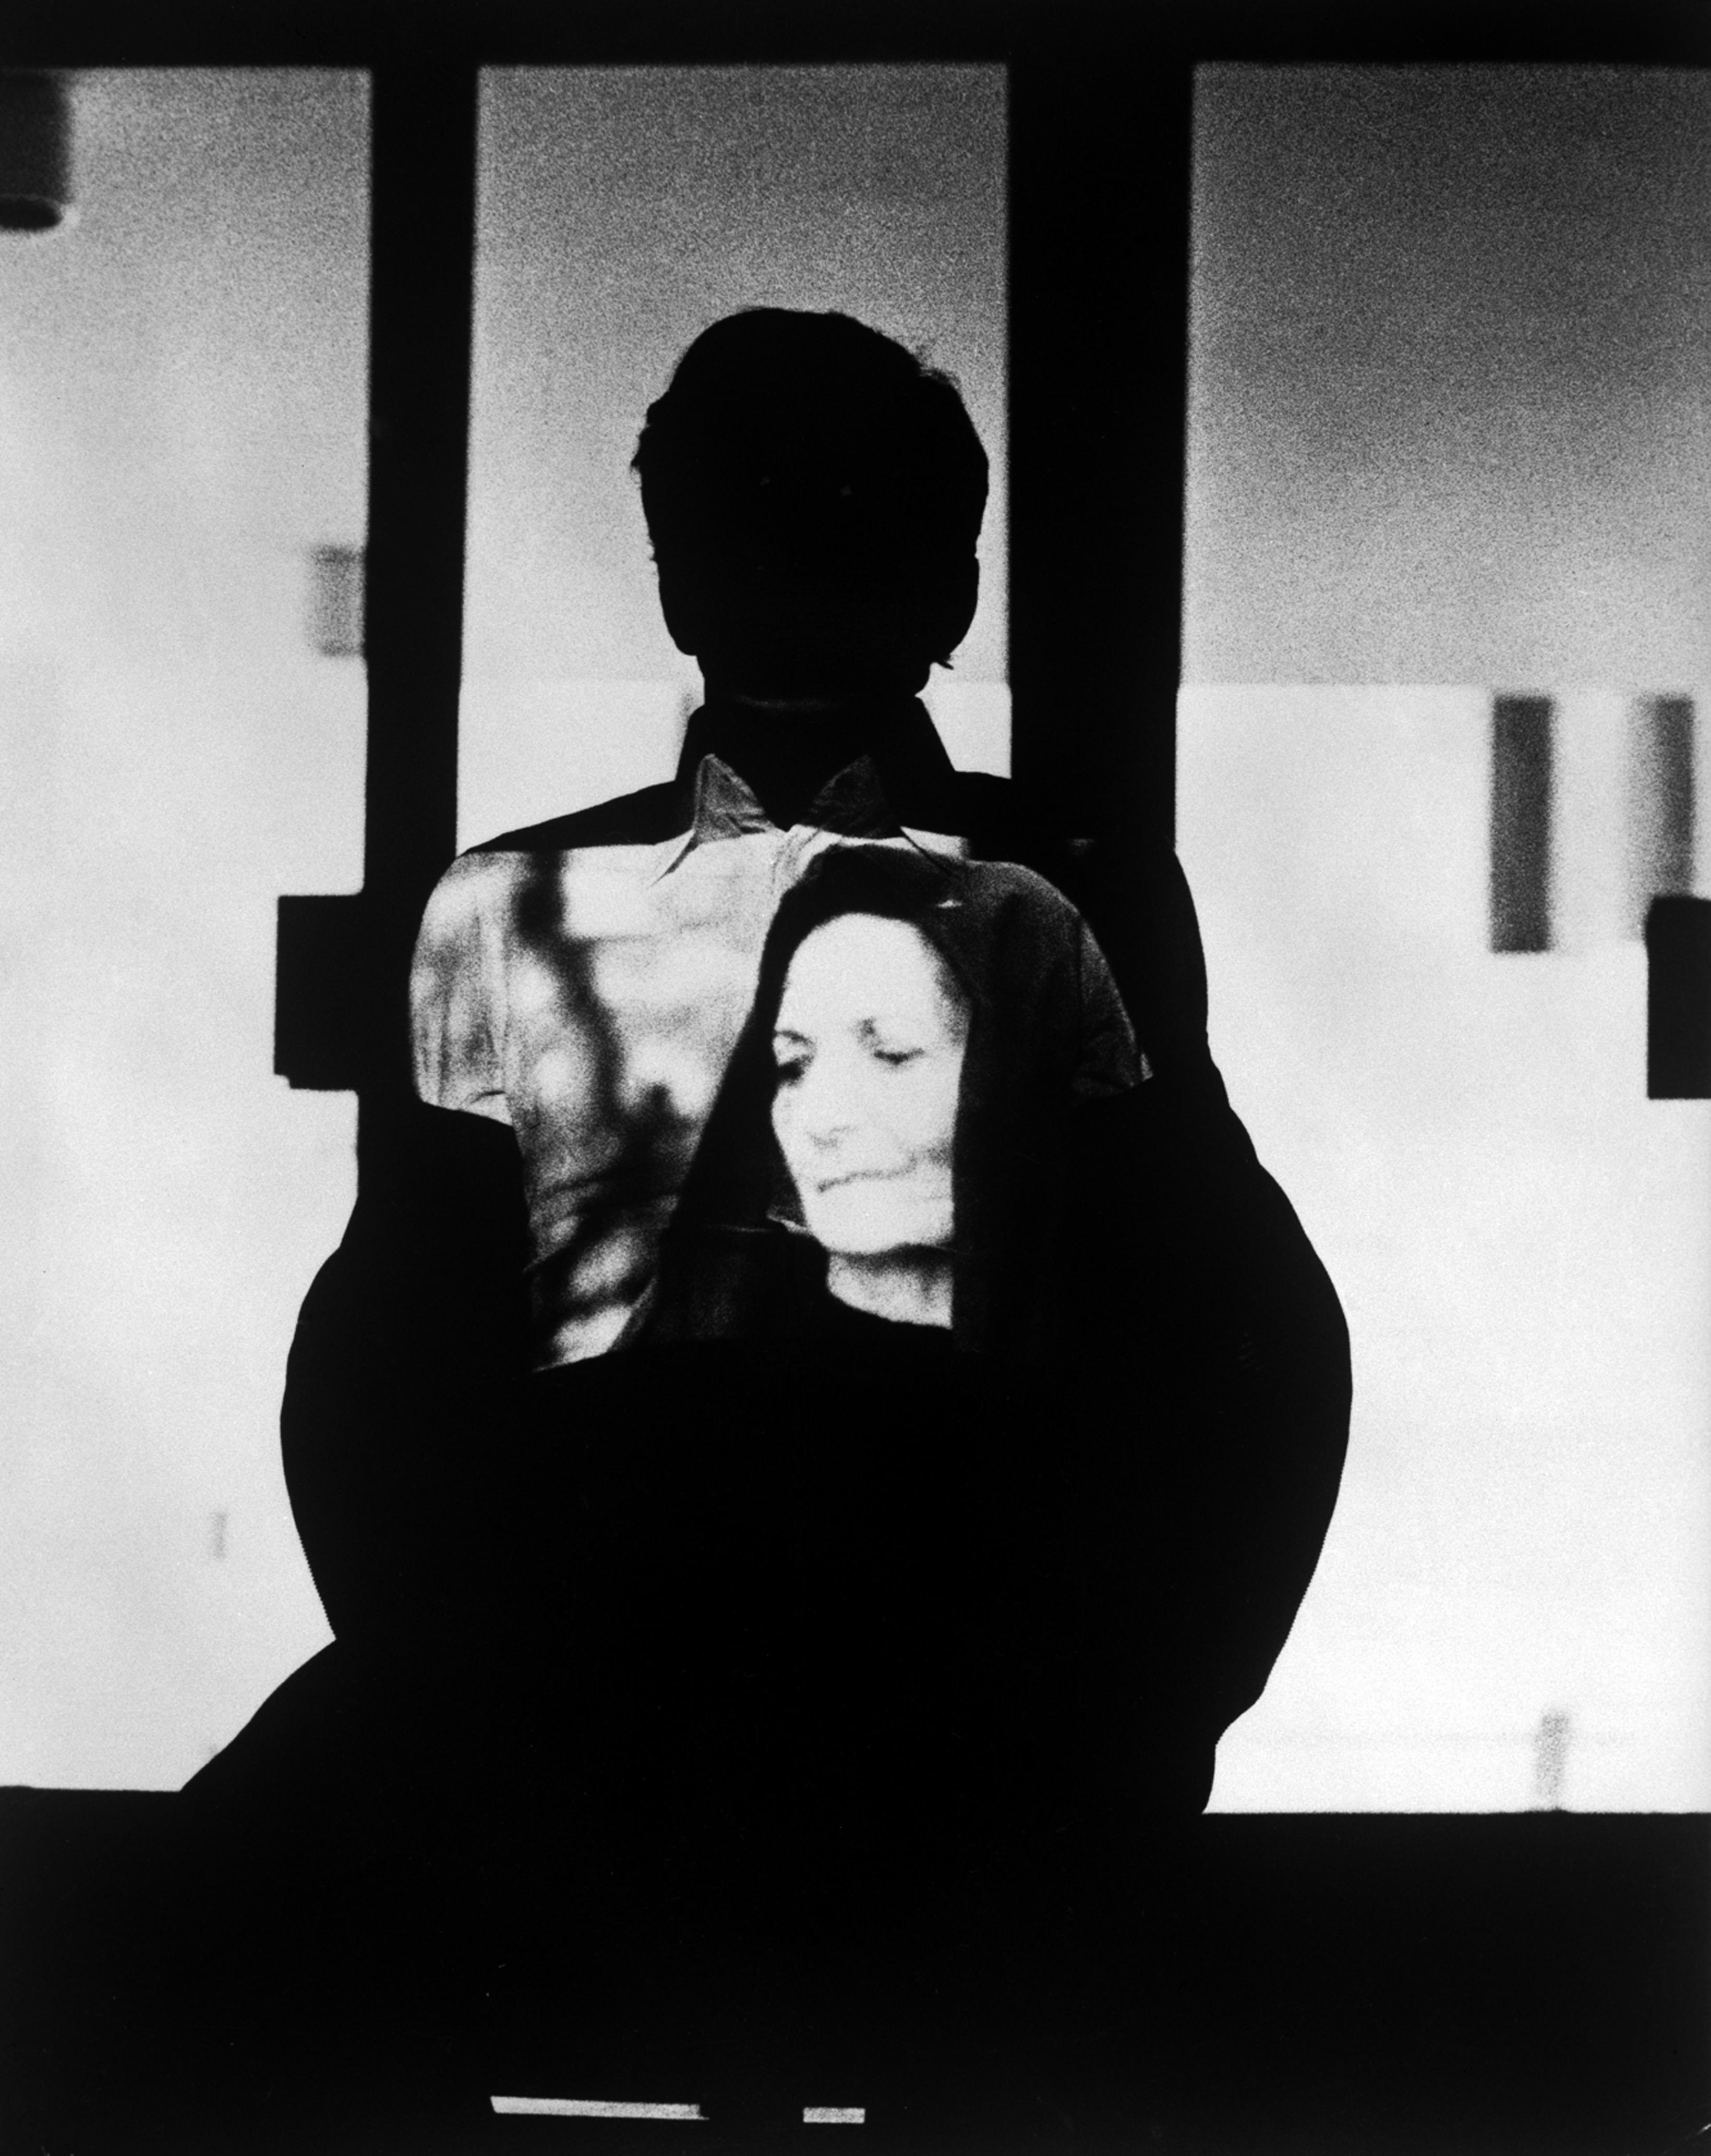 """Intellettuale - """"Il Vangelo secondo Matteo"""" di/su Pier Paolo Pasolini 1975 Galleria Comunale d'Arte Moderna, Bologna © Foto: Antonio Masotti Courtesy Estate Fabio Mauri; Hauser&Wirth"""